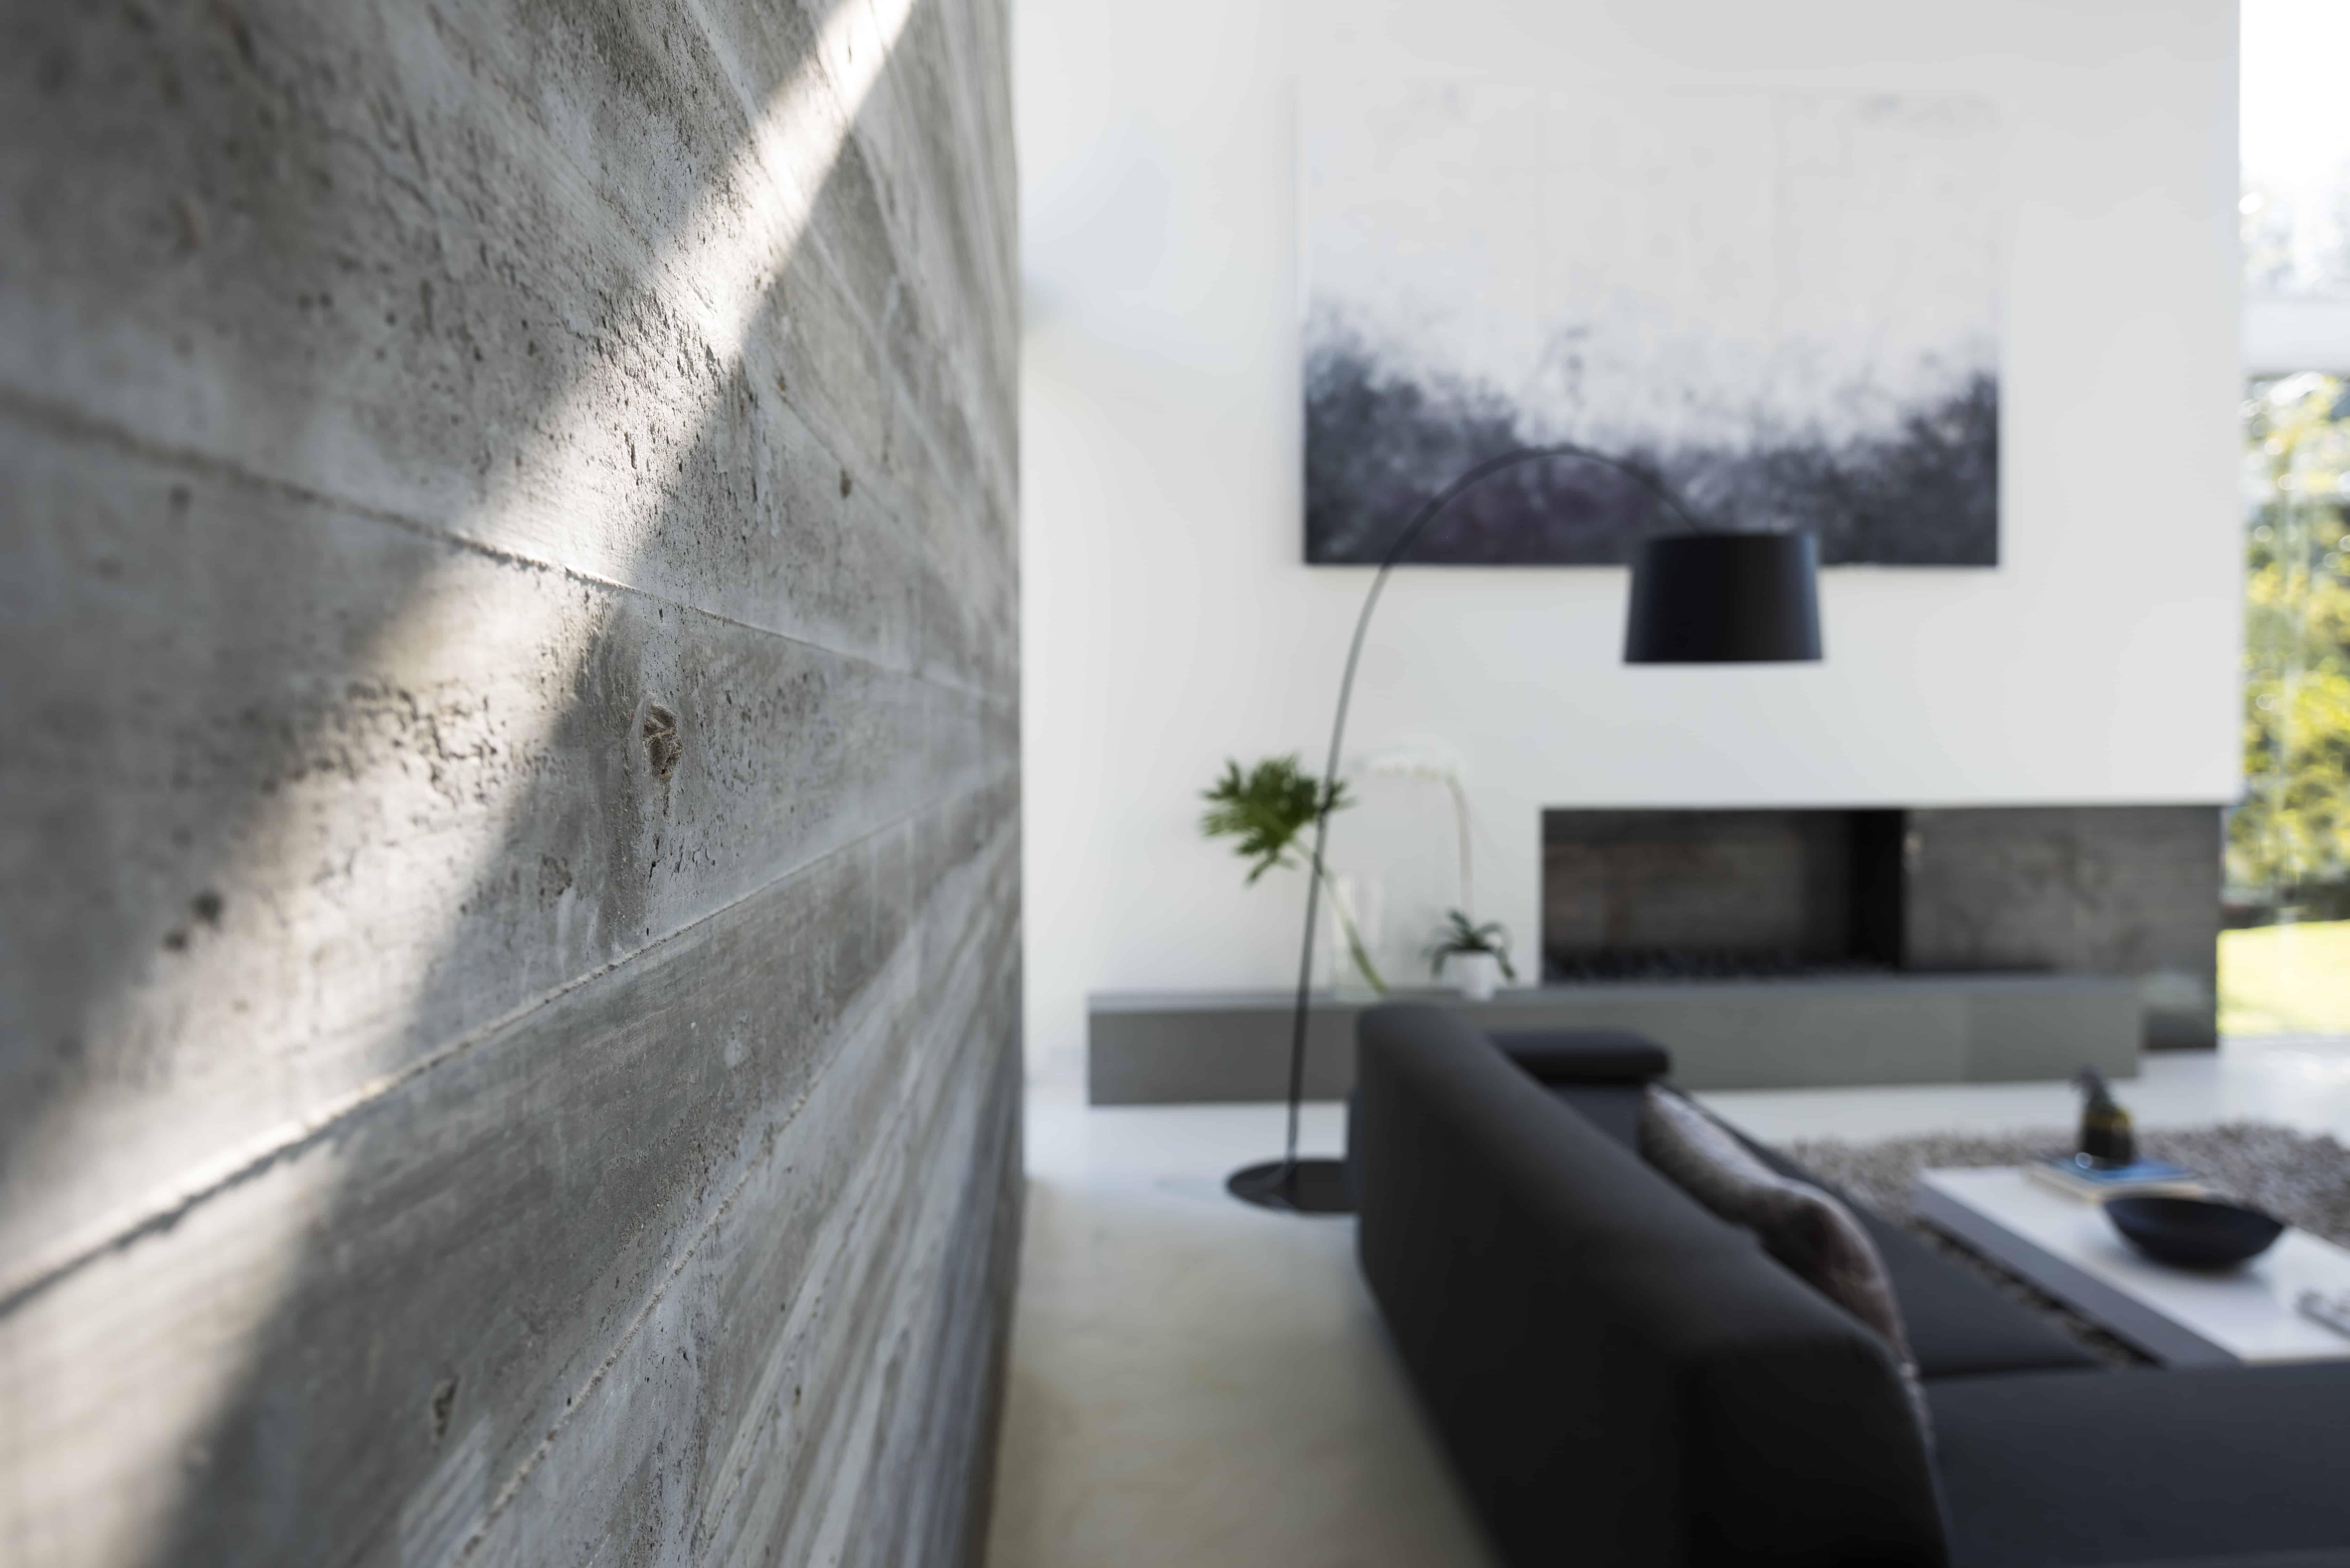 cast concrete wall detail